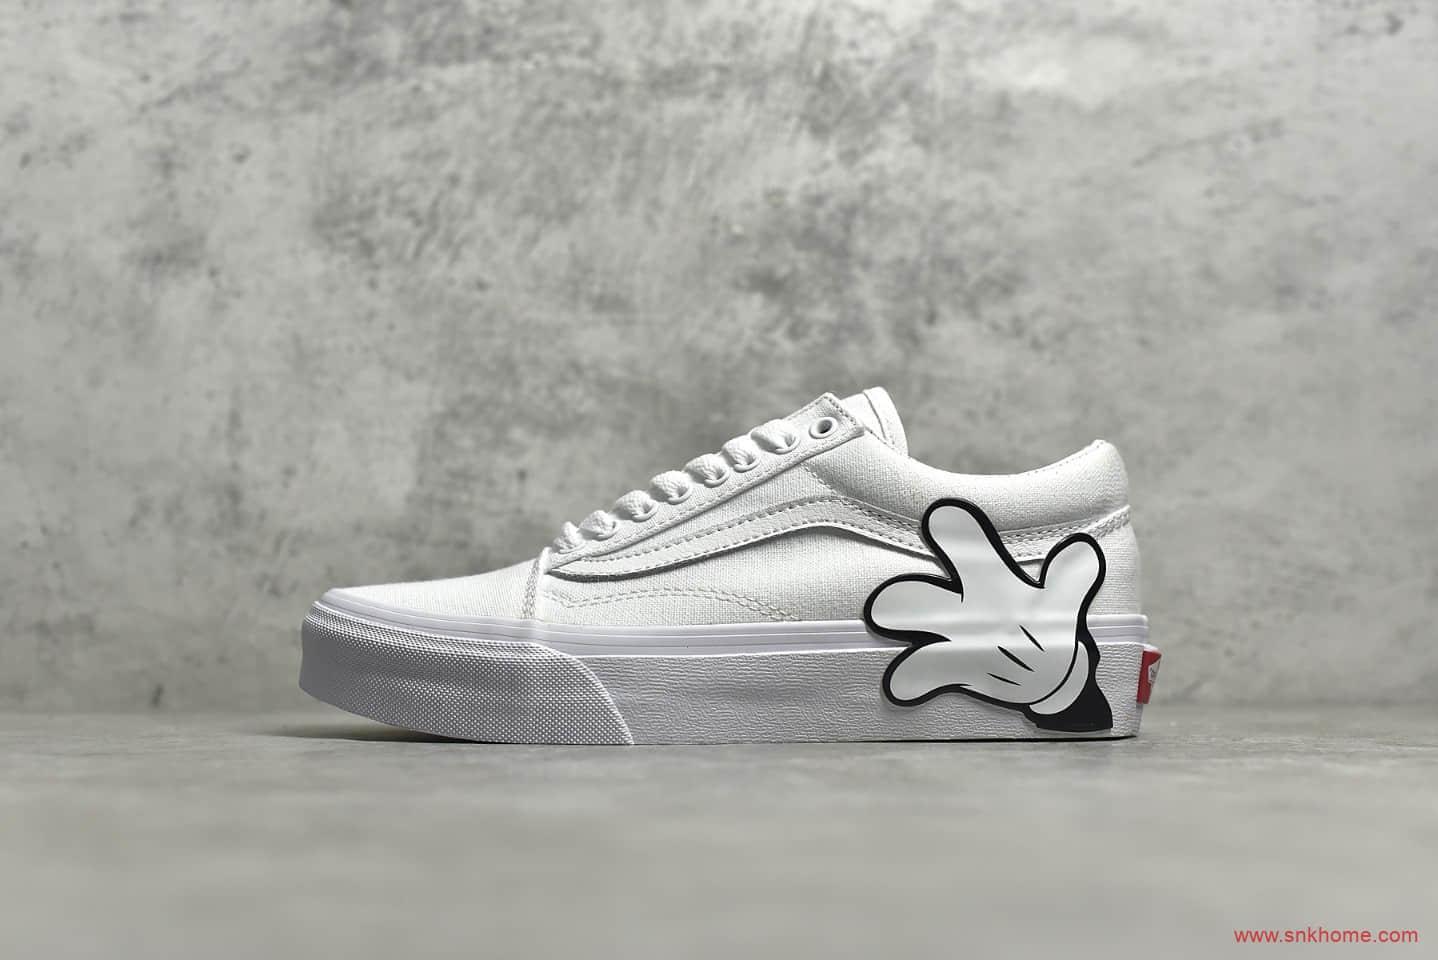 万斯迪士尼米奇联名 VANS x Disney Old Skool 万斯小白鞋纯白色低帮帆布鞋 货号:VN0A38G1UNC-潮流者之家